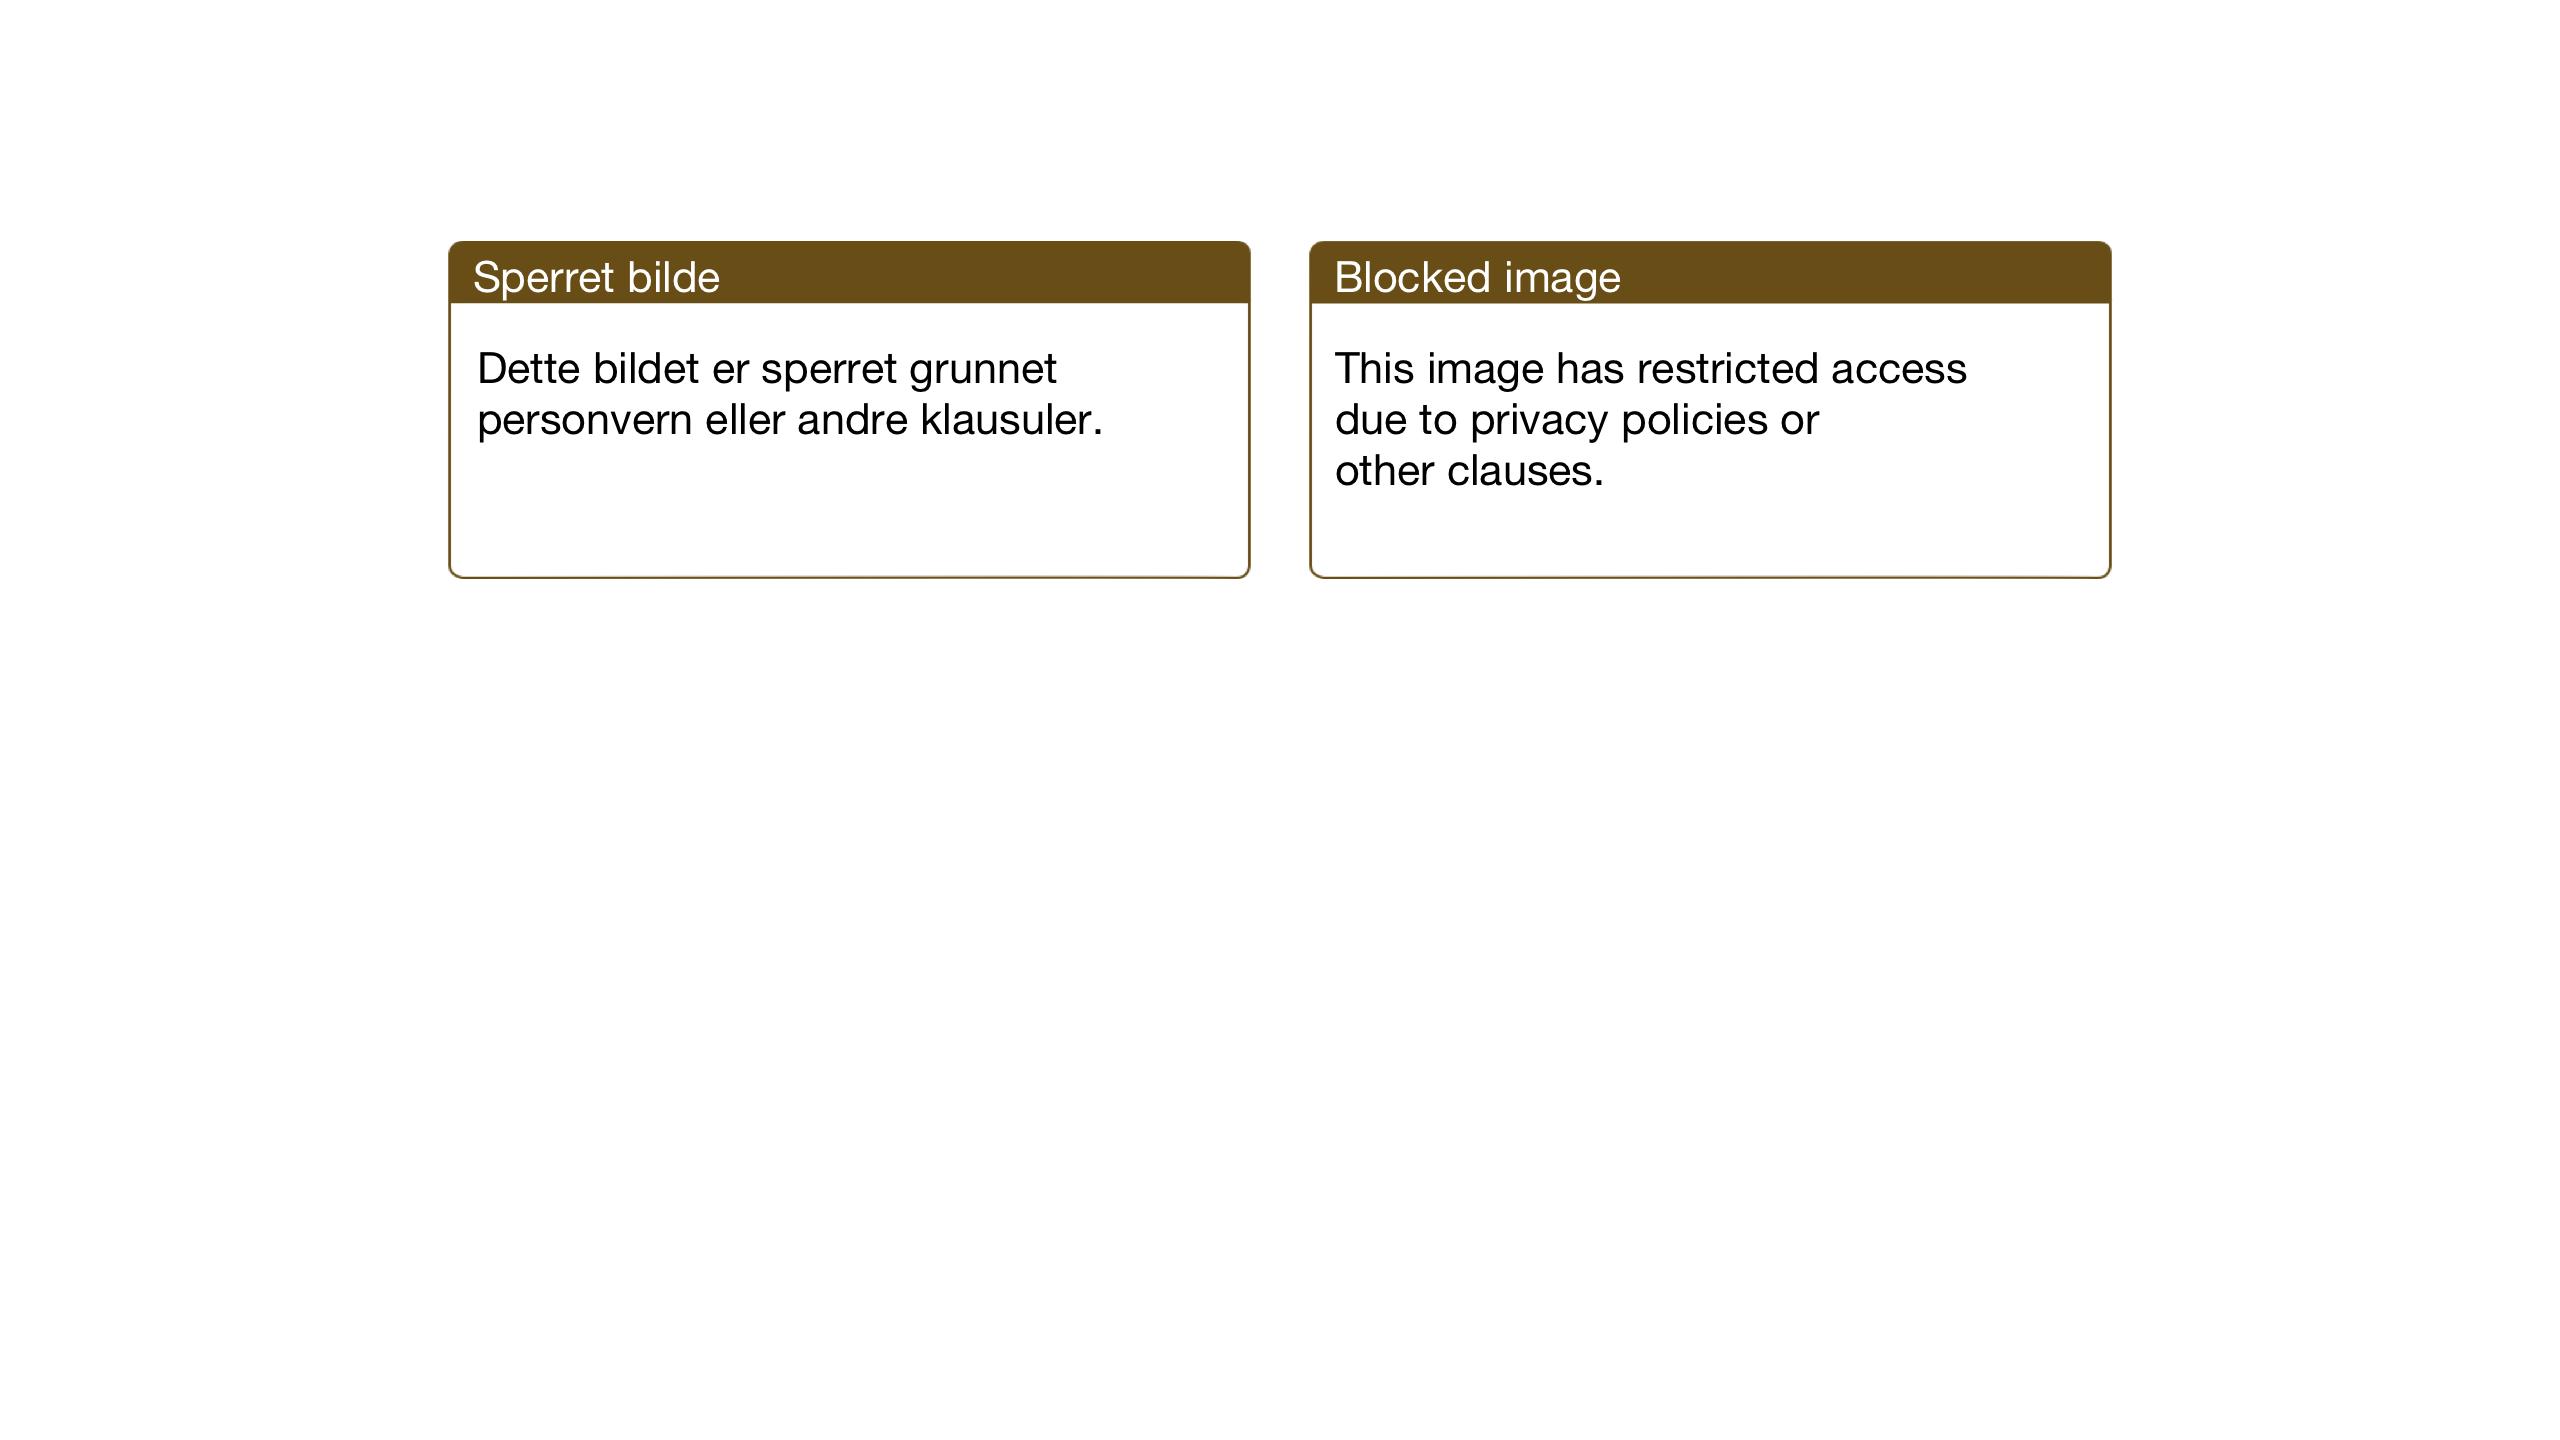 SAT, Ministerialprotokoller, klokkerbøker og fødselsregistre - Sør-Trøndelag, 640/L0590: Klokkerbok nr. 640C07, 1935-1948, s. 91